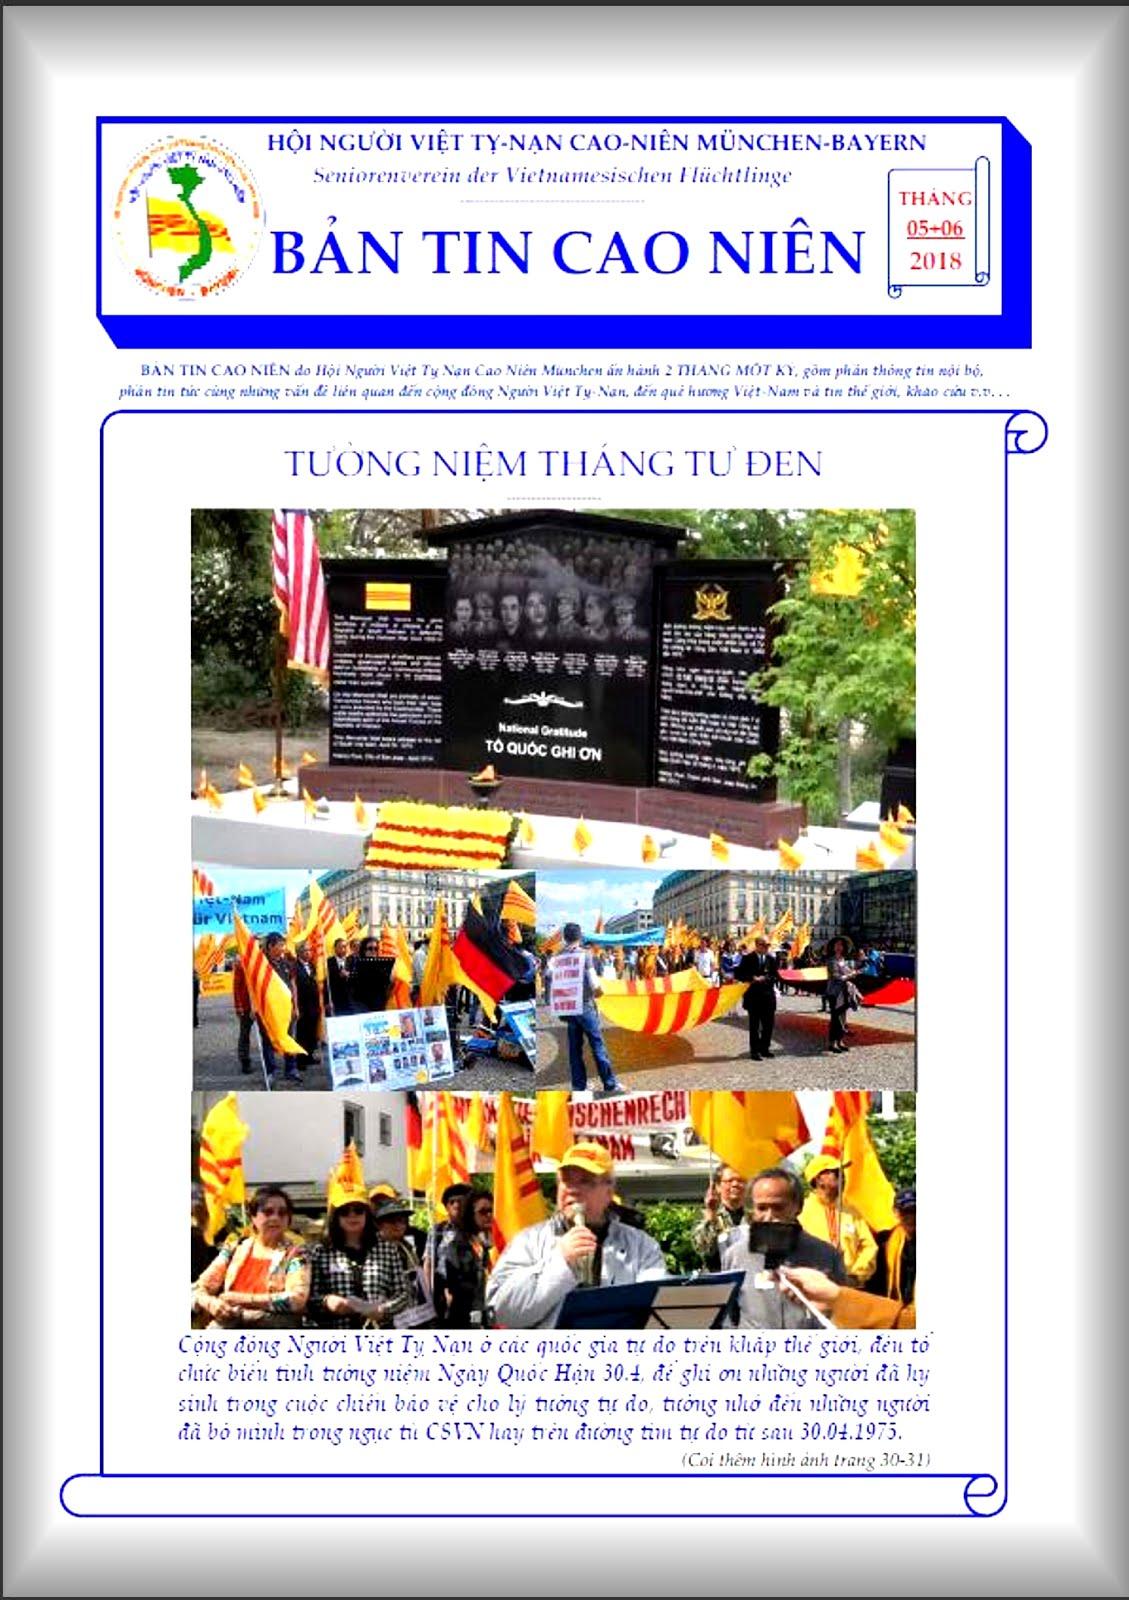 BẢN TIN CAO NIÊN 05+06.2018